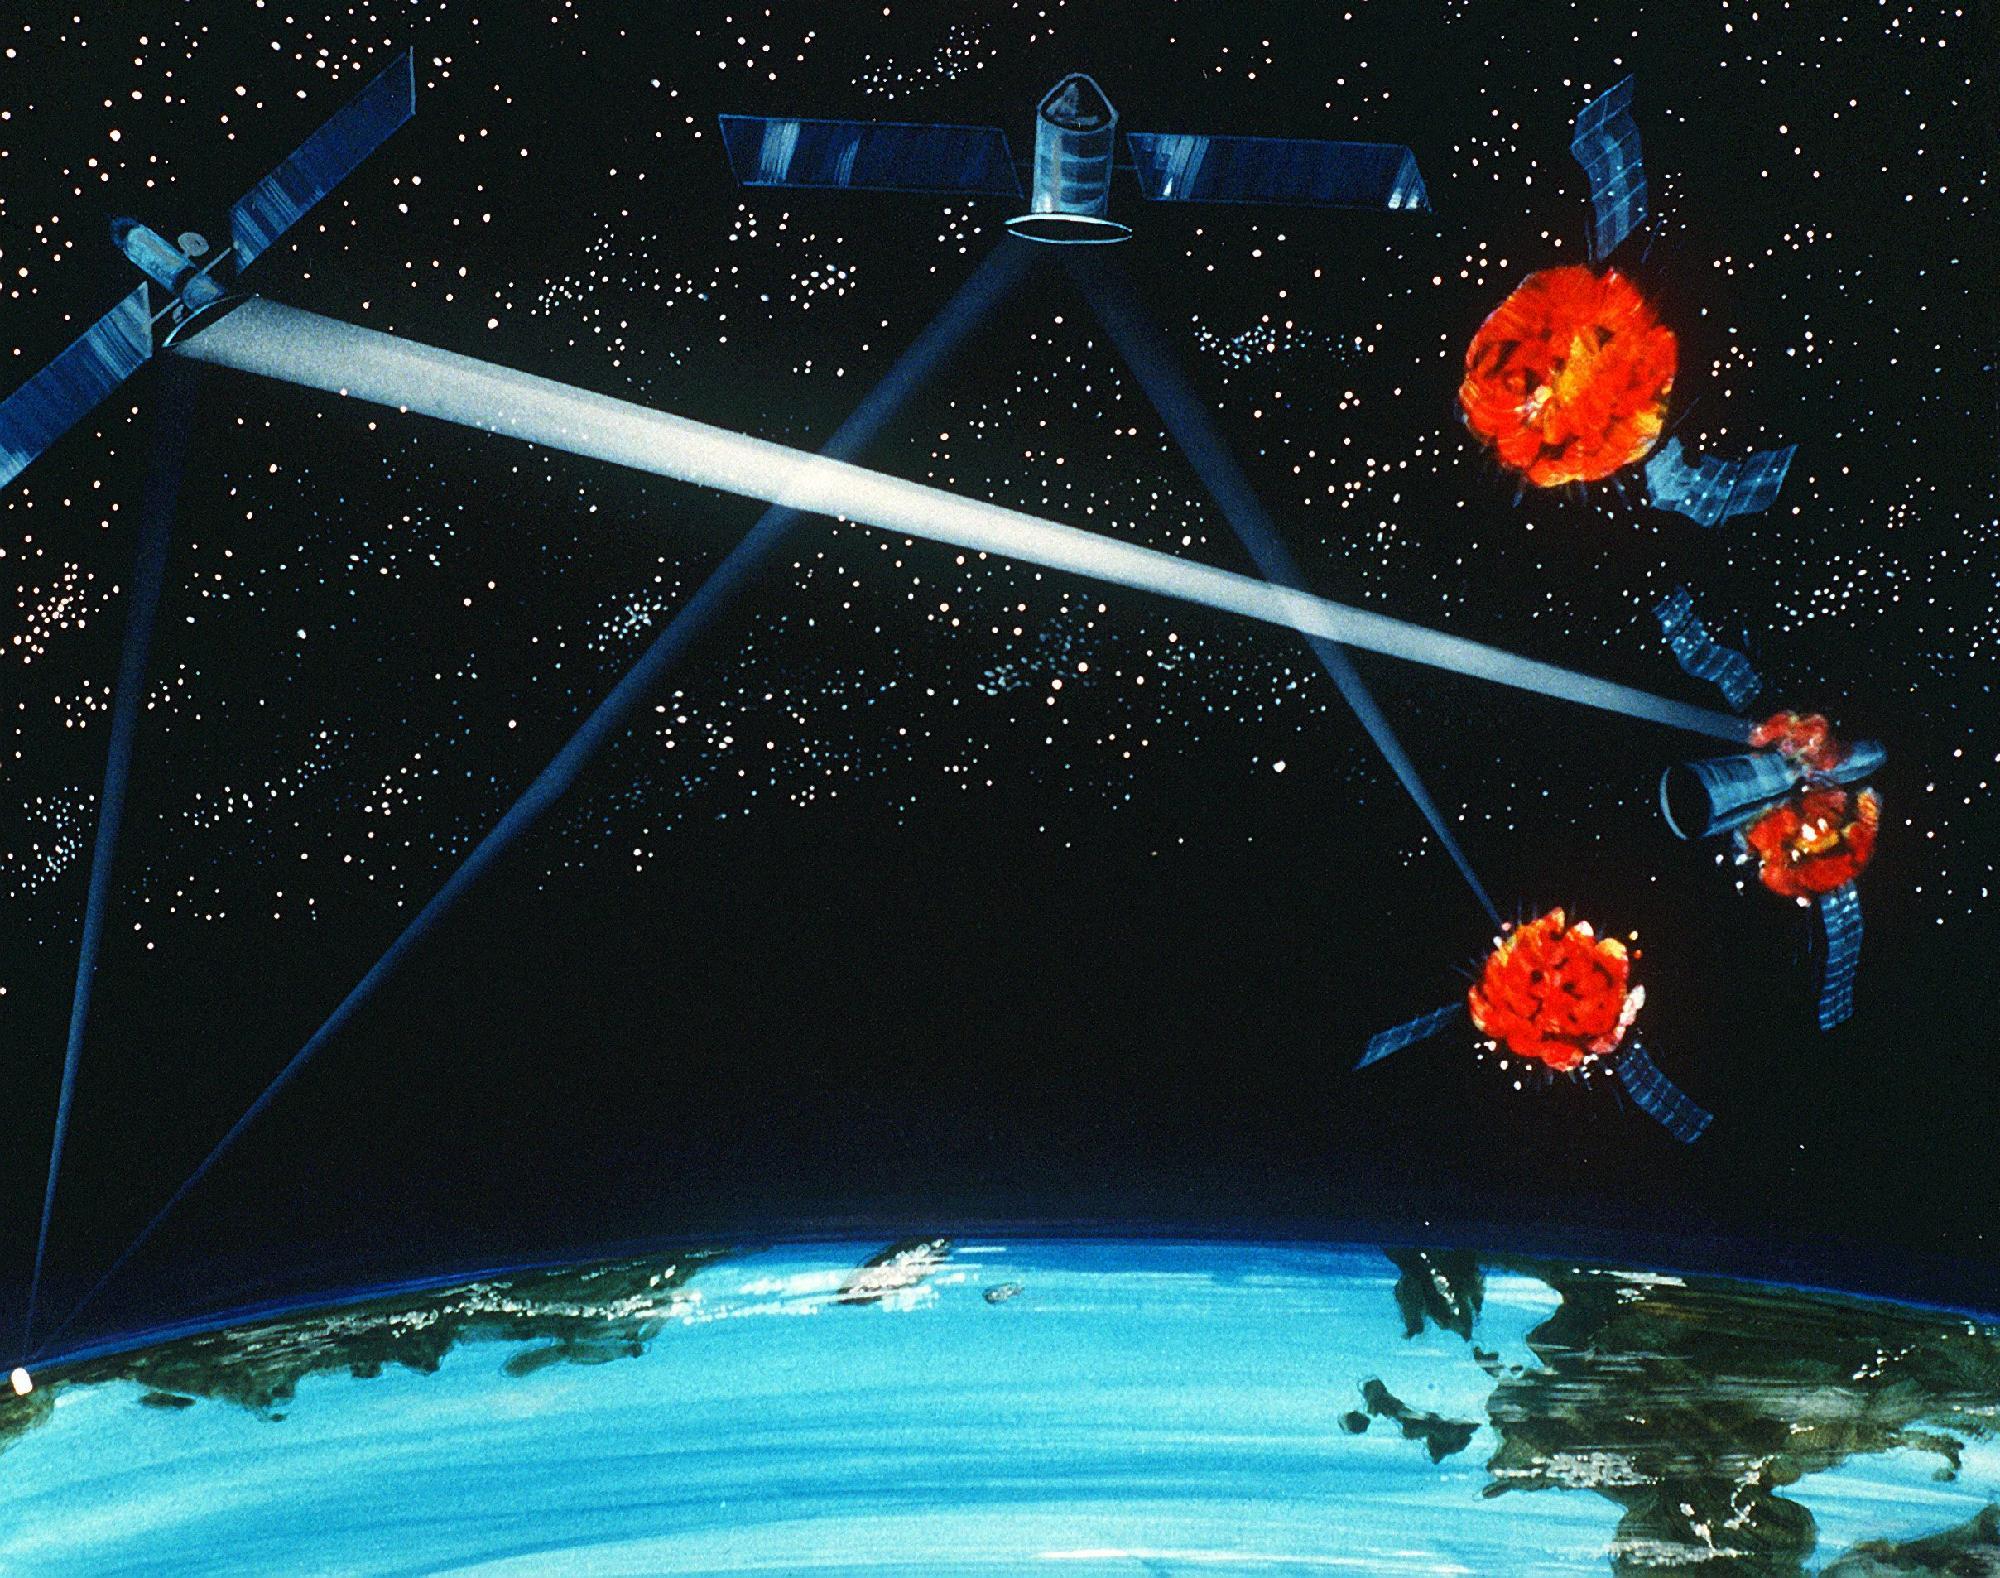 美媒炒作中俄寻求新型太空武器:欲借此对抗美国